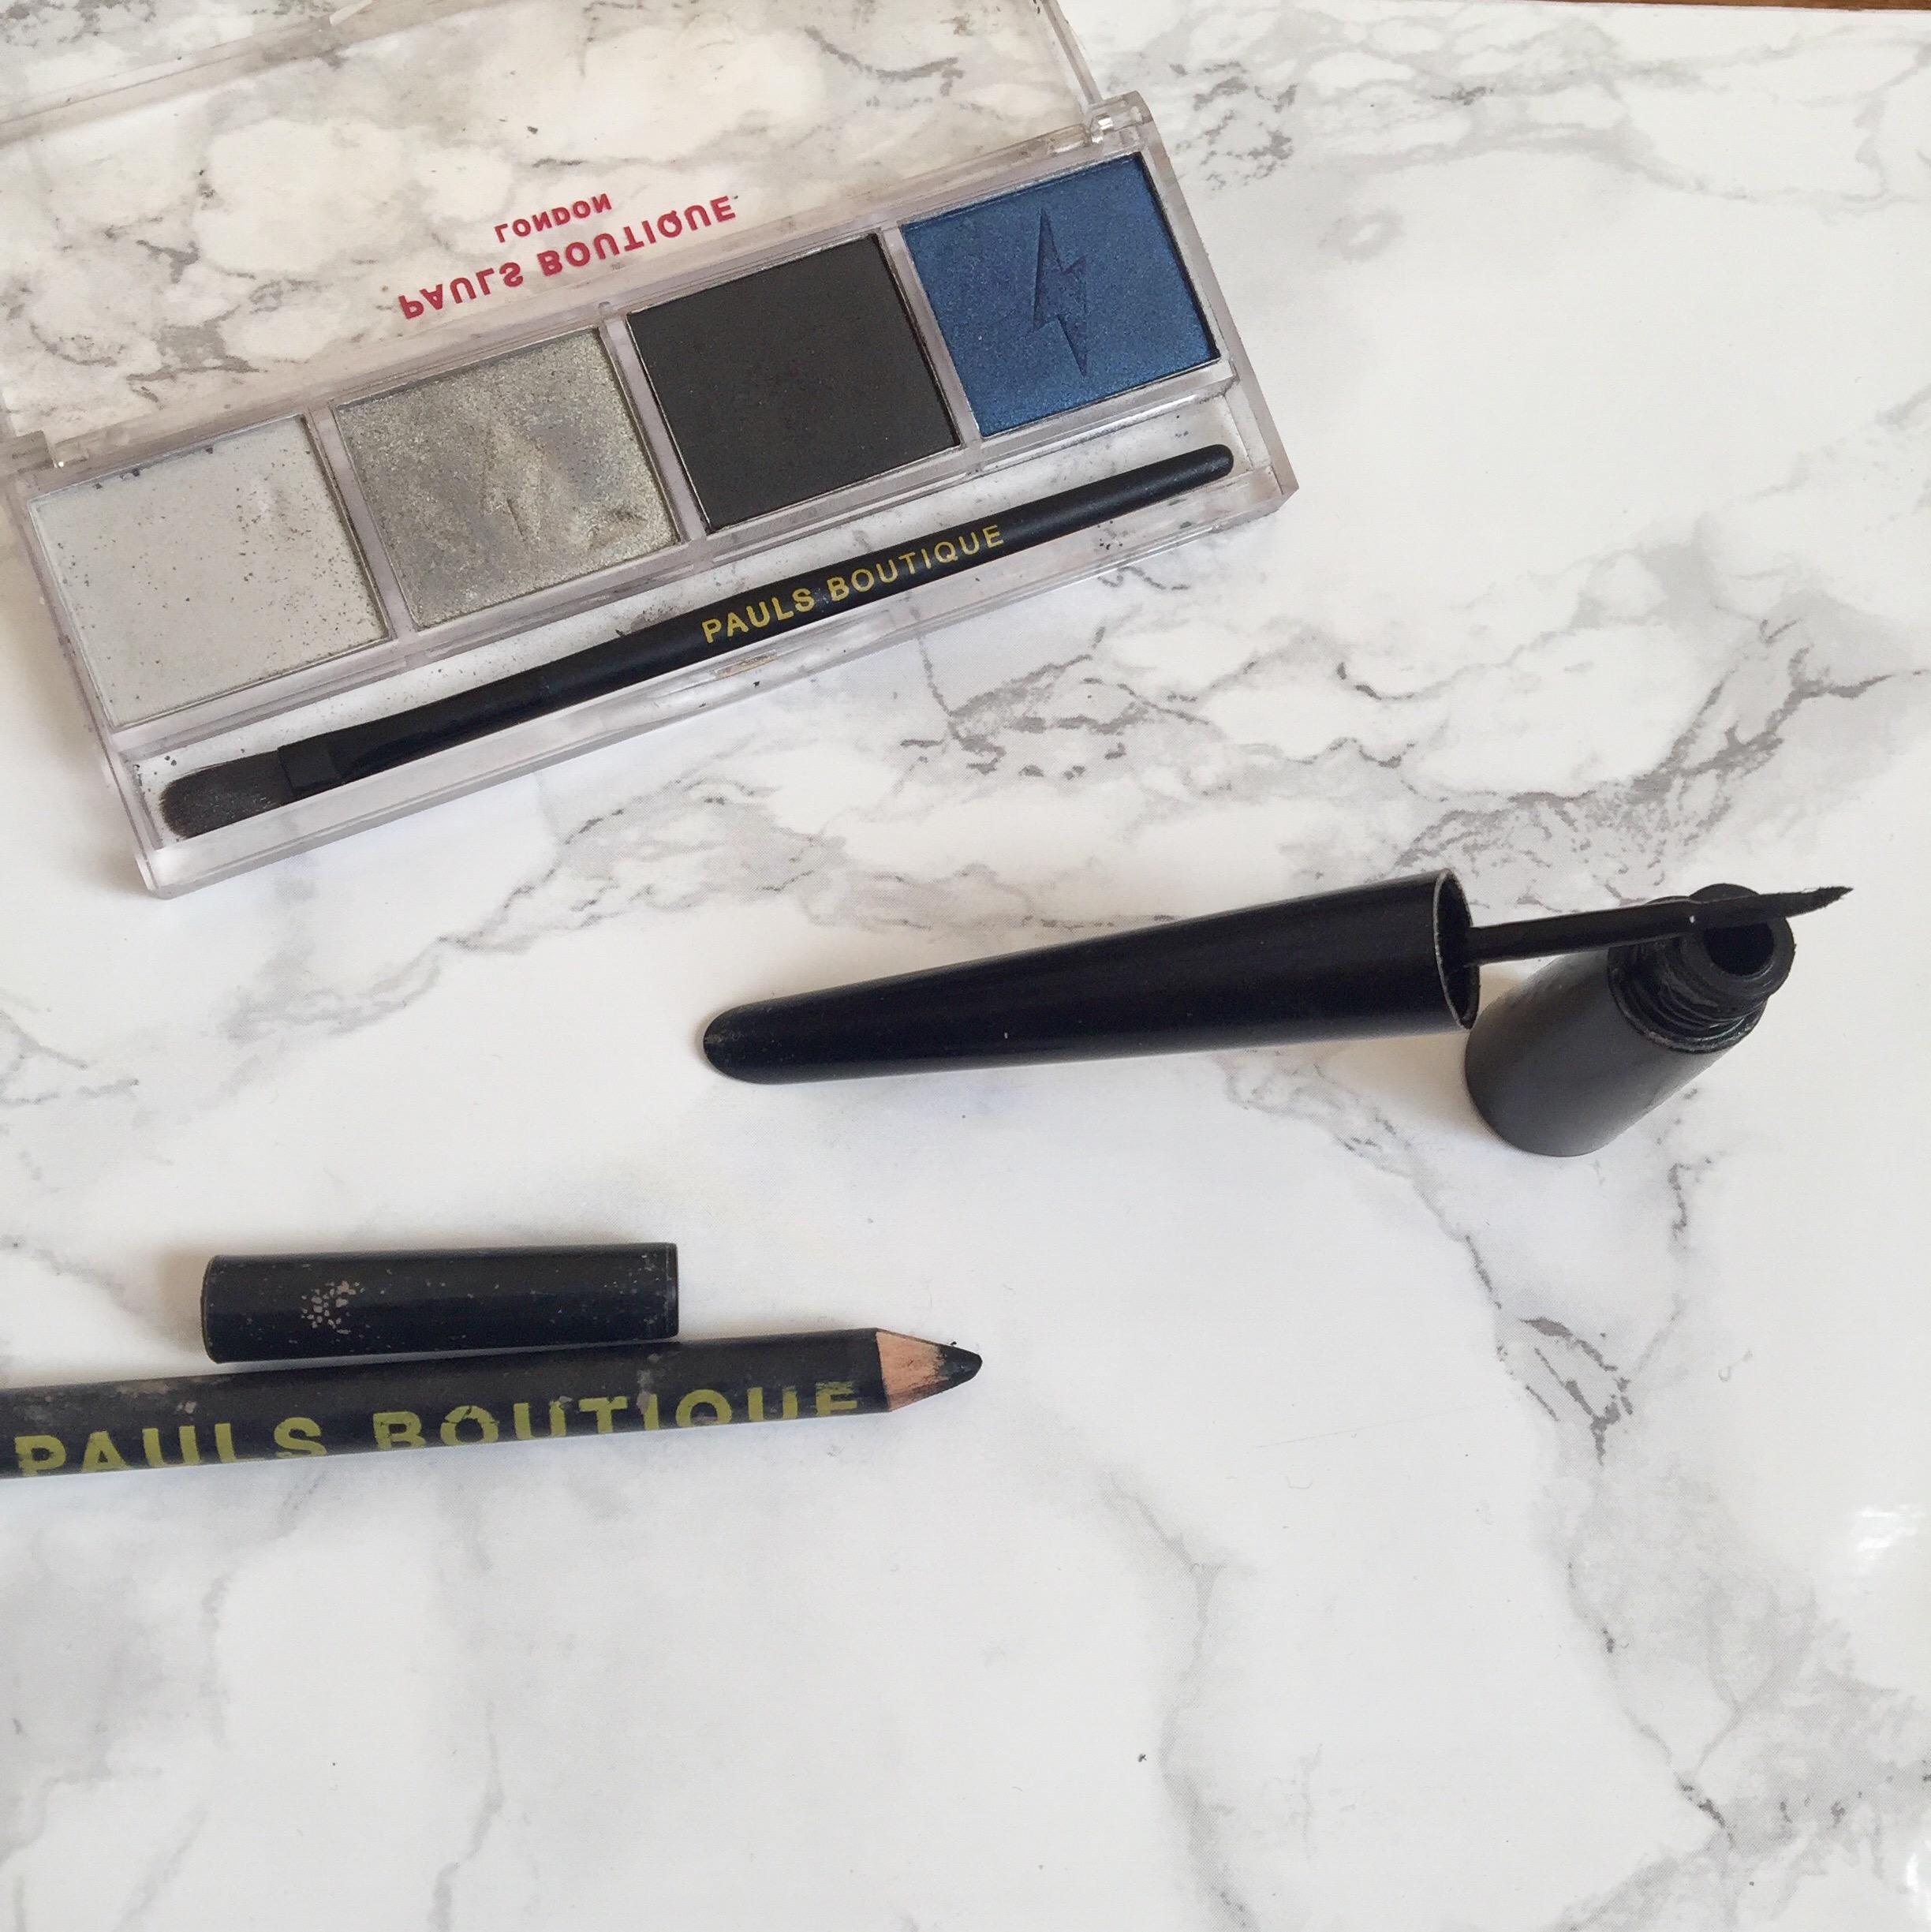 paul's boutique makeup